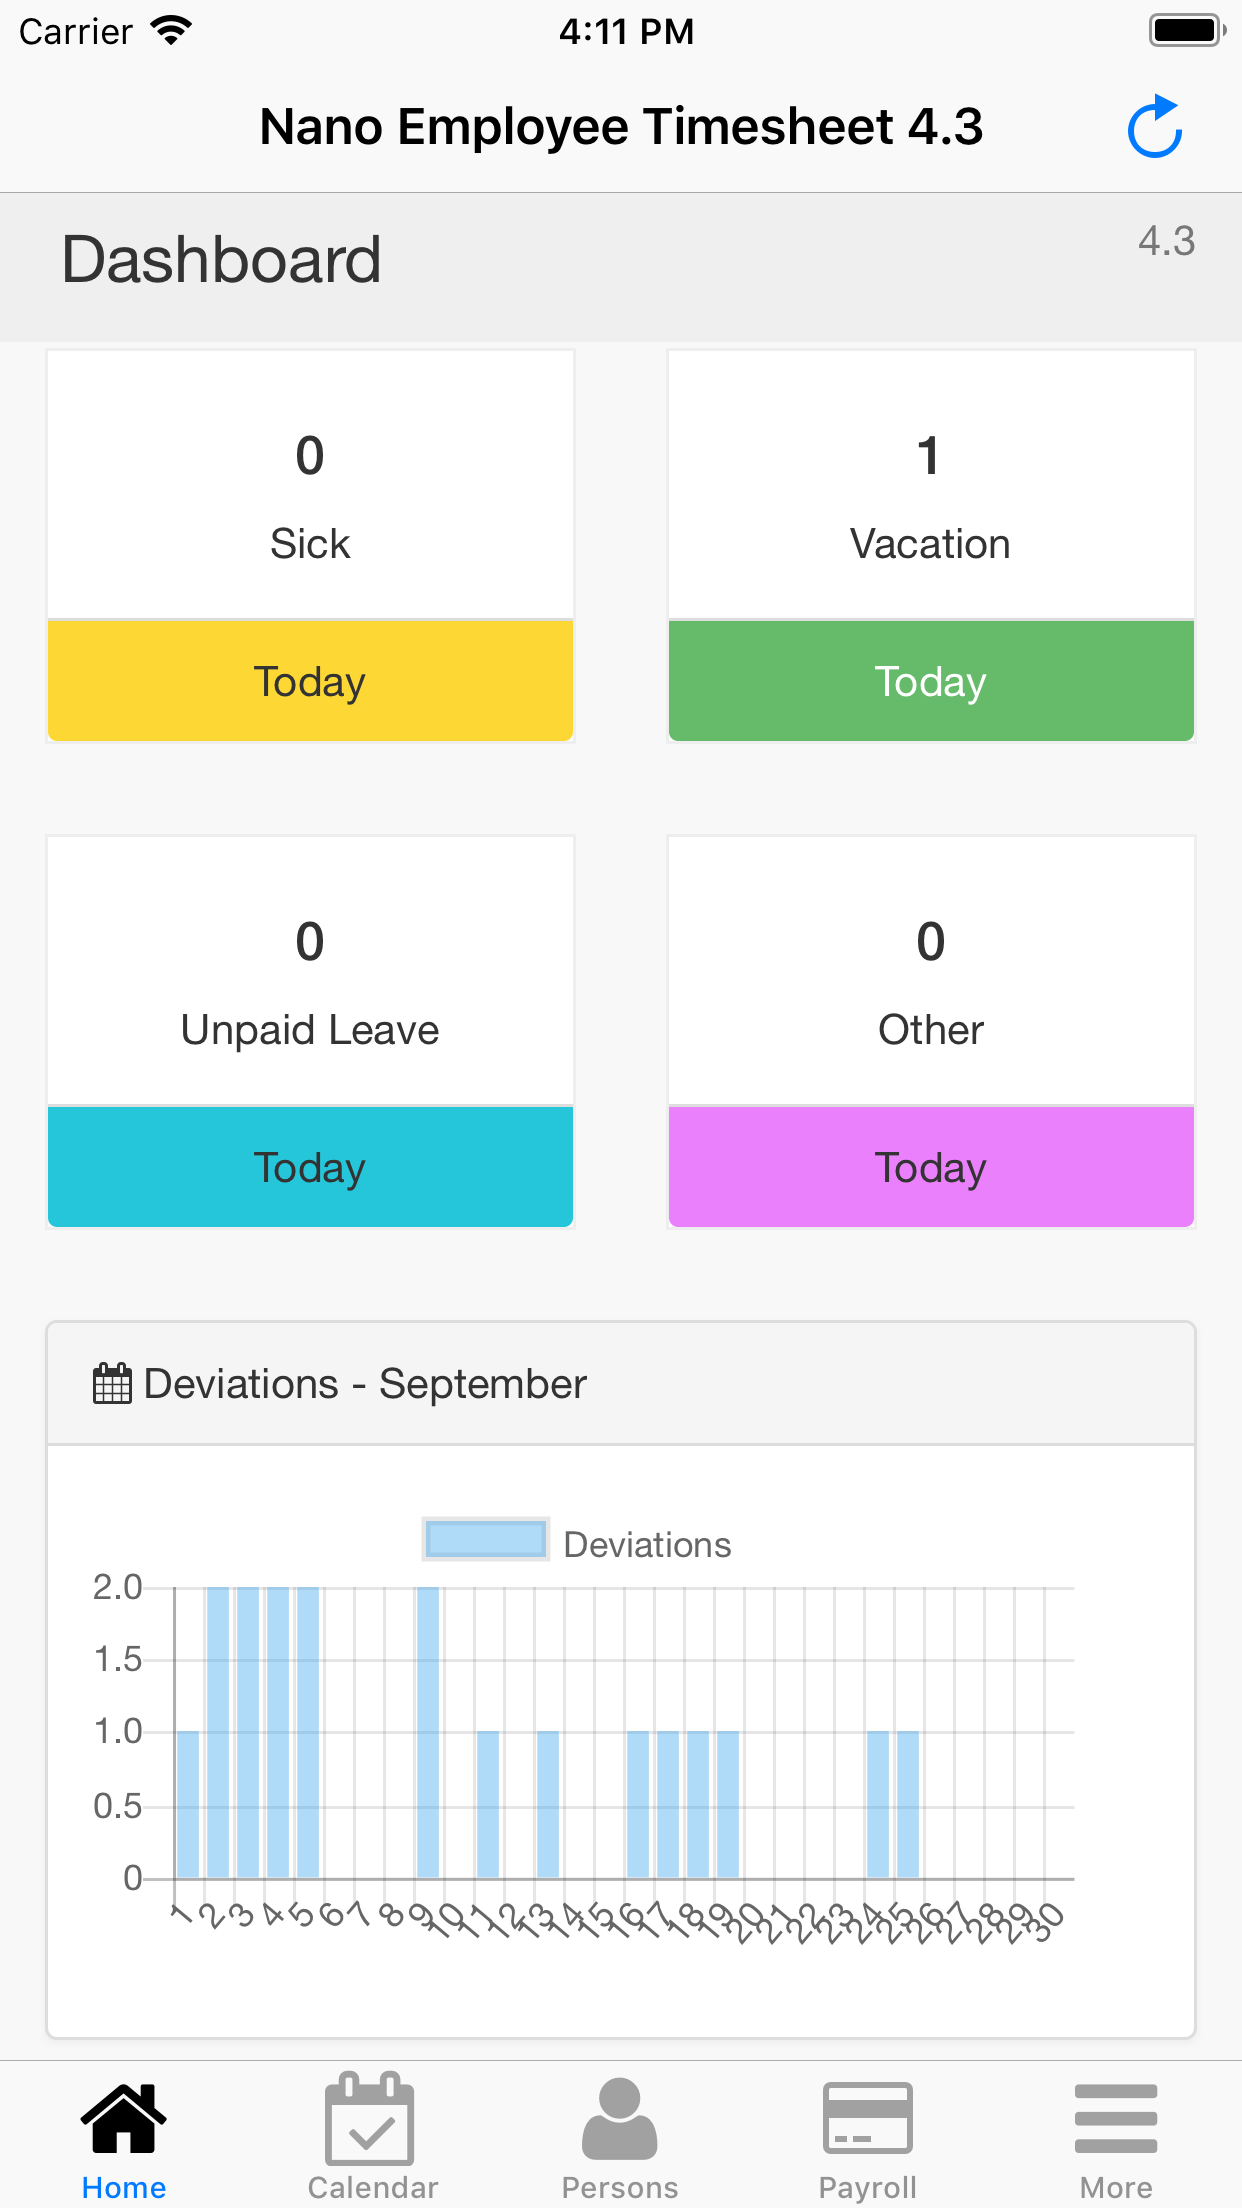 Nano Employee Timesheet. Dashboard